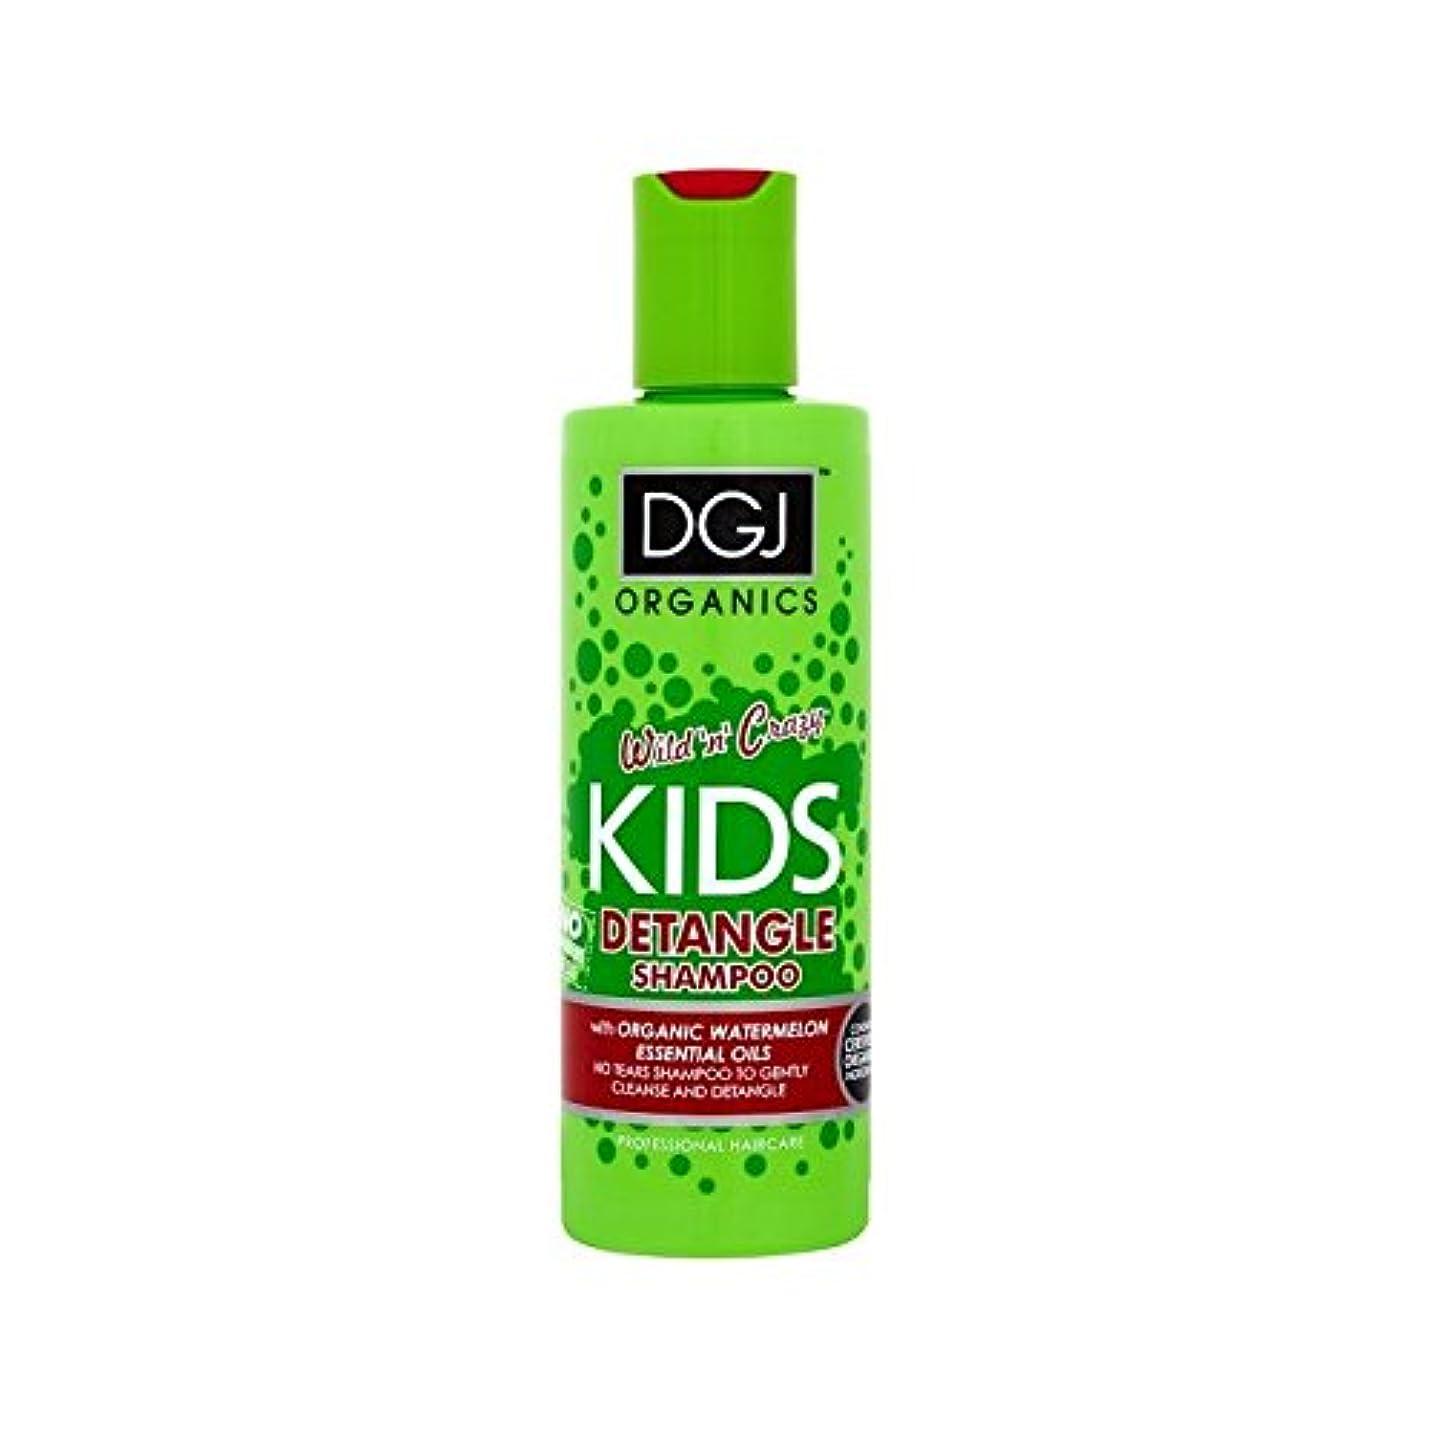 十代教育知らせるDgj子供たちはシャンプー250ミリリットルをもつれ解除スイカ (DGJ Organics) (x 6) - DGJ Kids Watermelon Detangling Shampoo 250ml (Pack of 6) [並行輸入品]